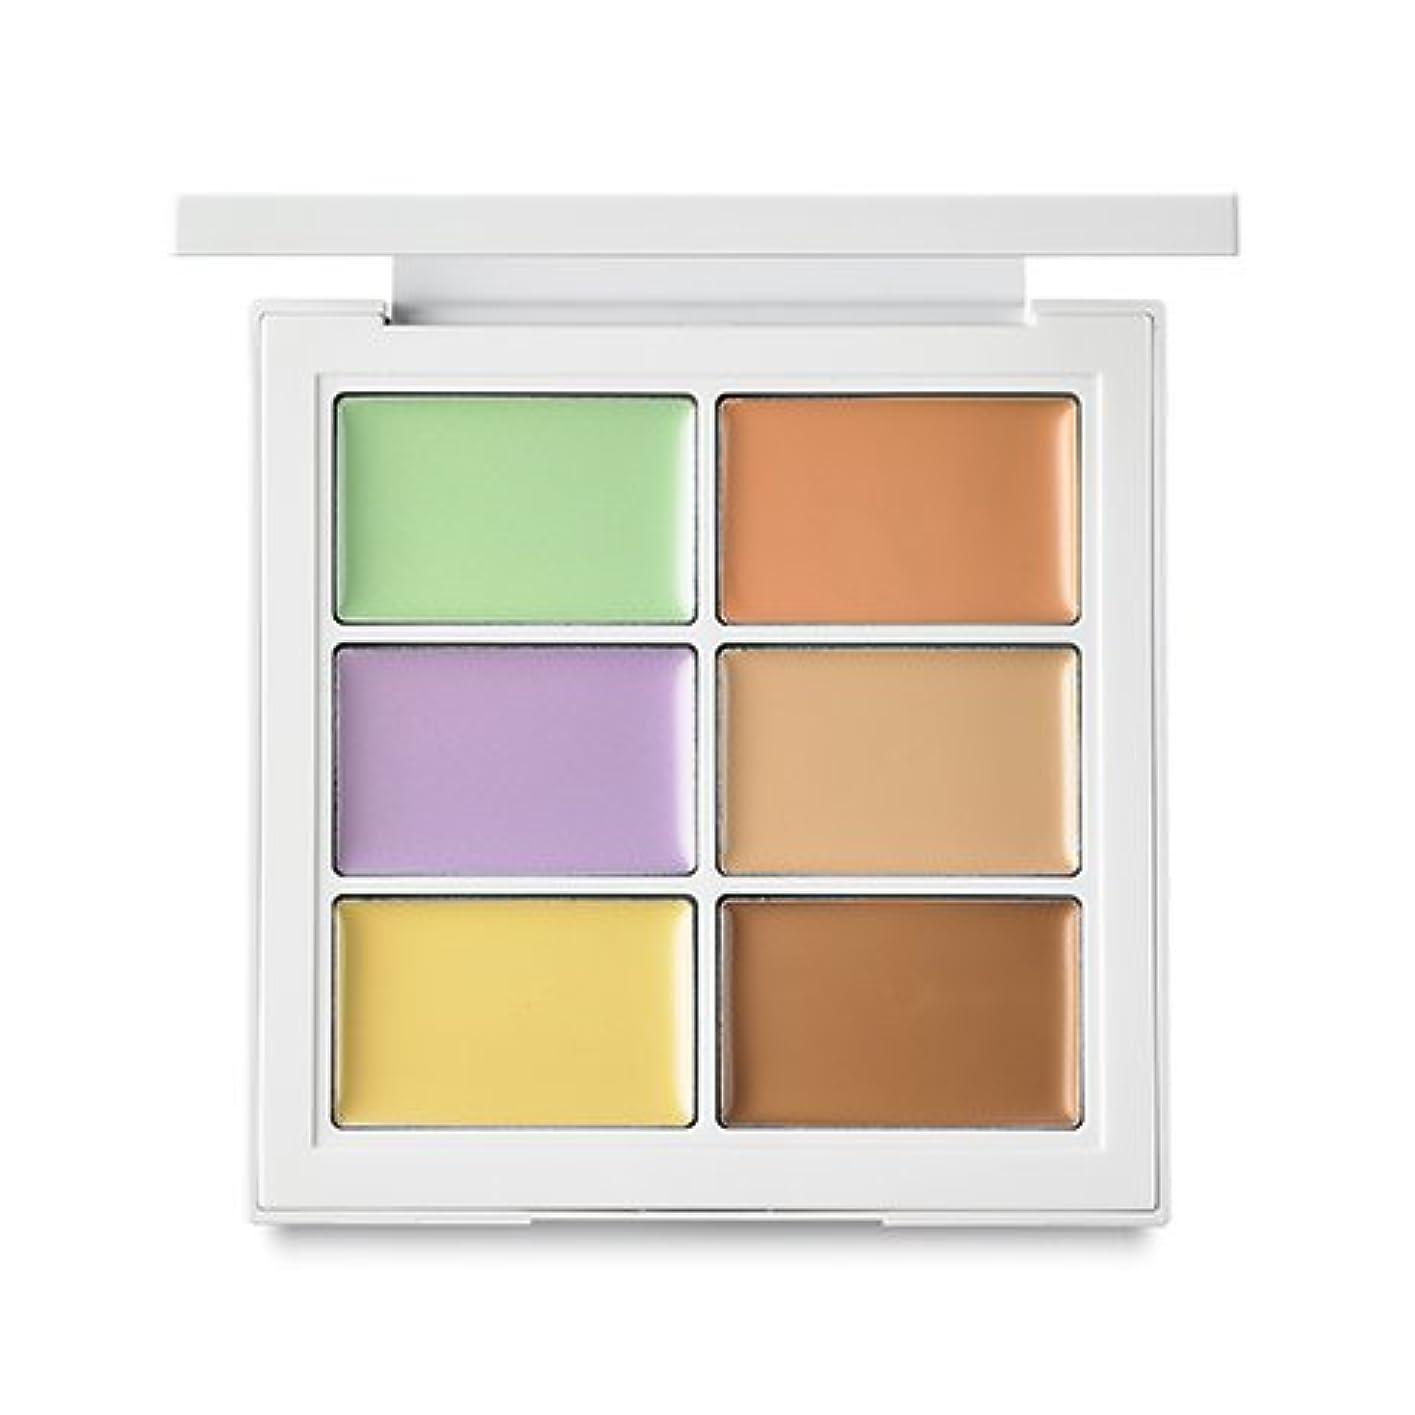 非常に怒っています影響噛むBANILA CO It Radiant CC Color Palette 8.5g/バニラコ イット ラディアント CC カラー パレット 8.5g (#Warm Tone) [並行輸入品]